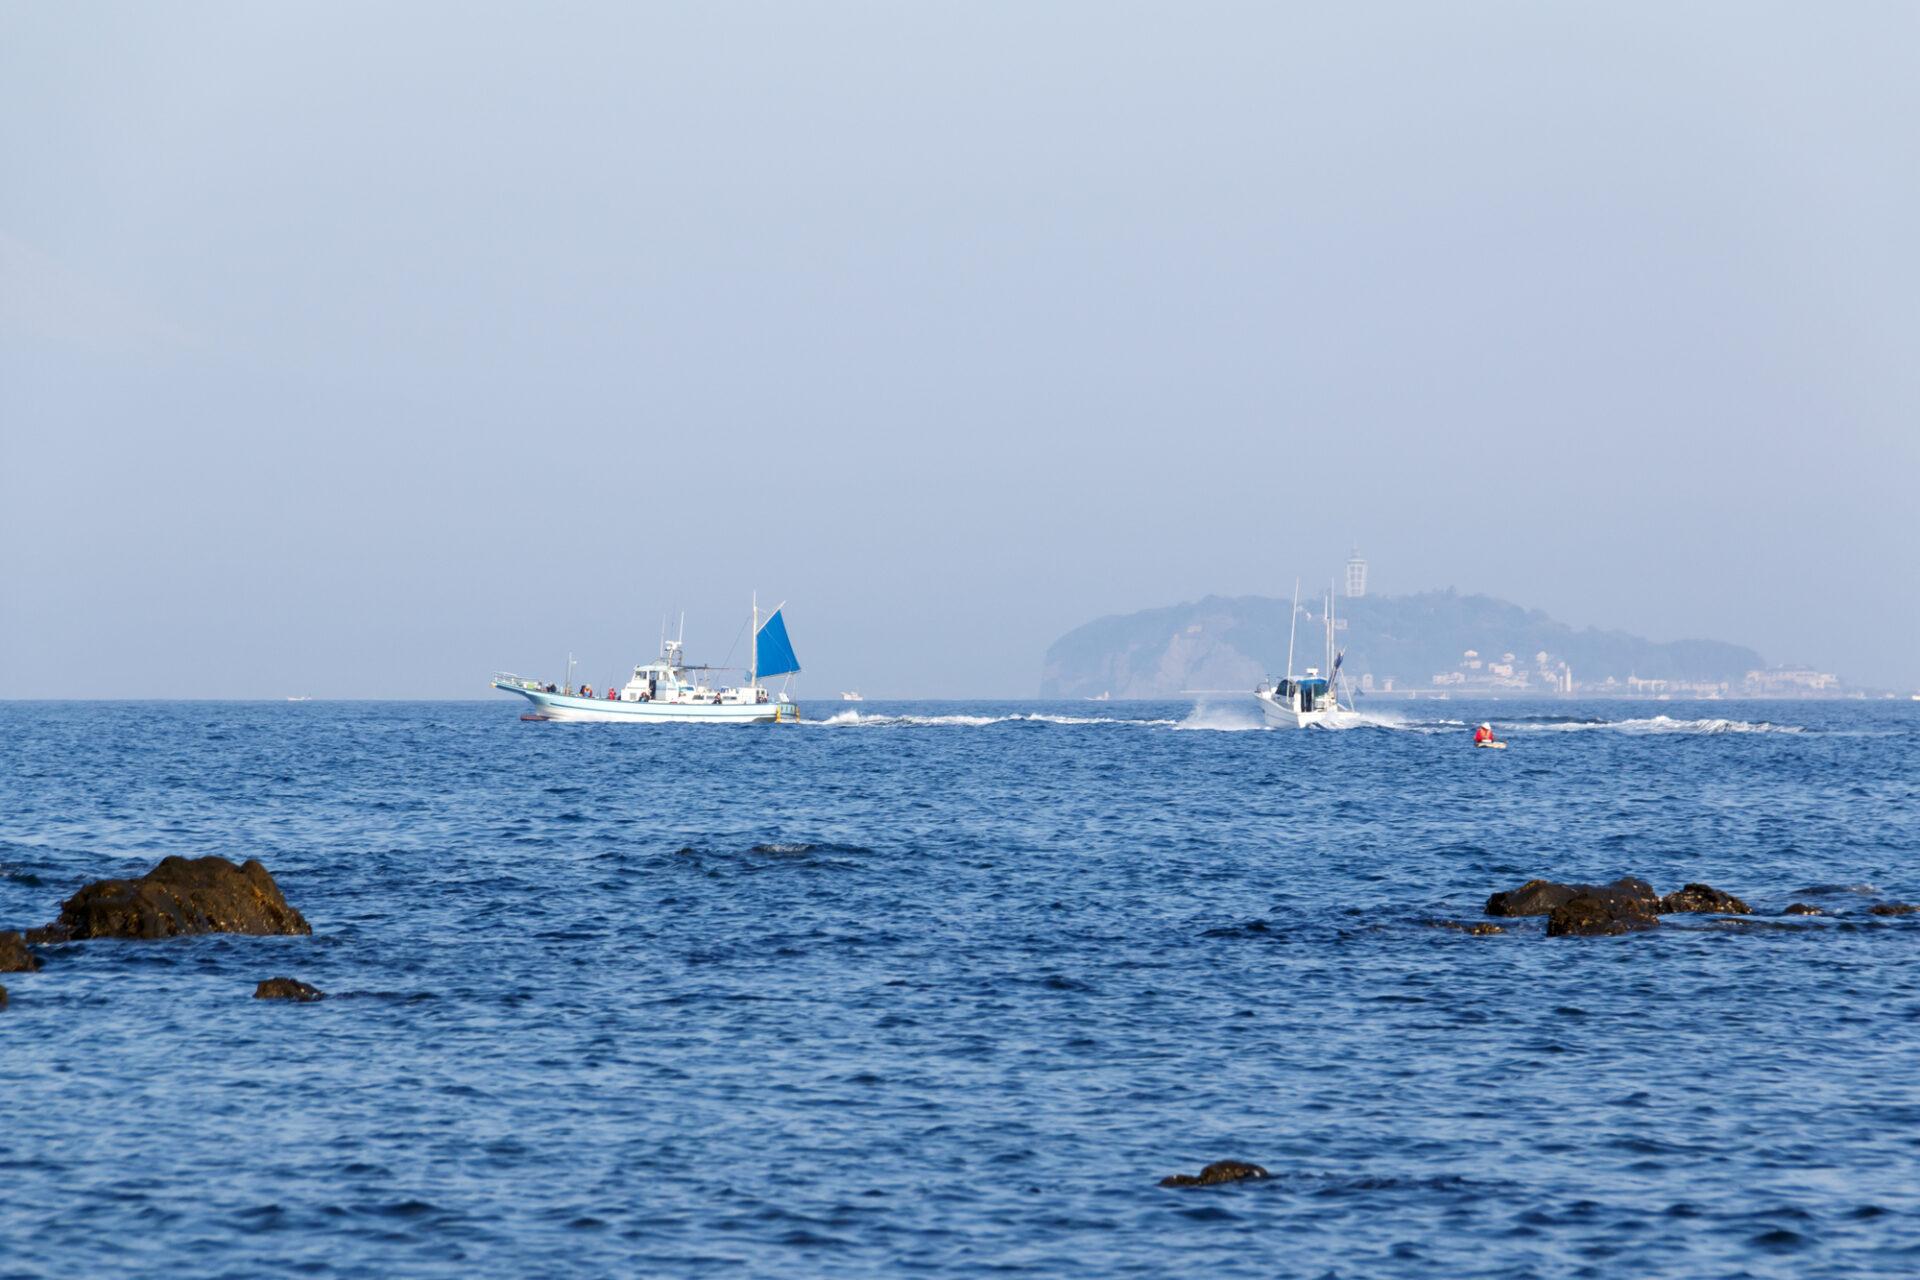 クルージングしている2隻の船